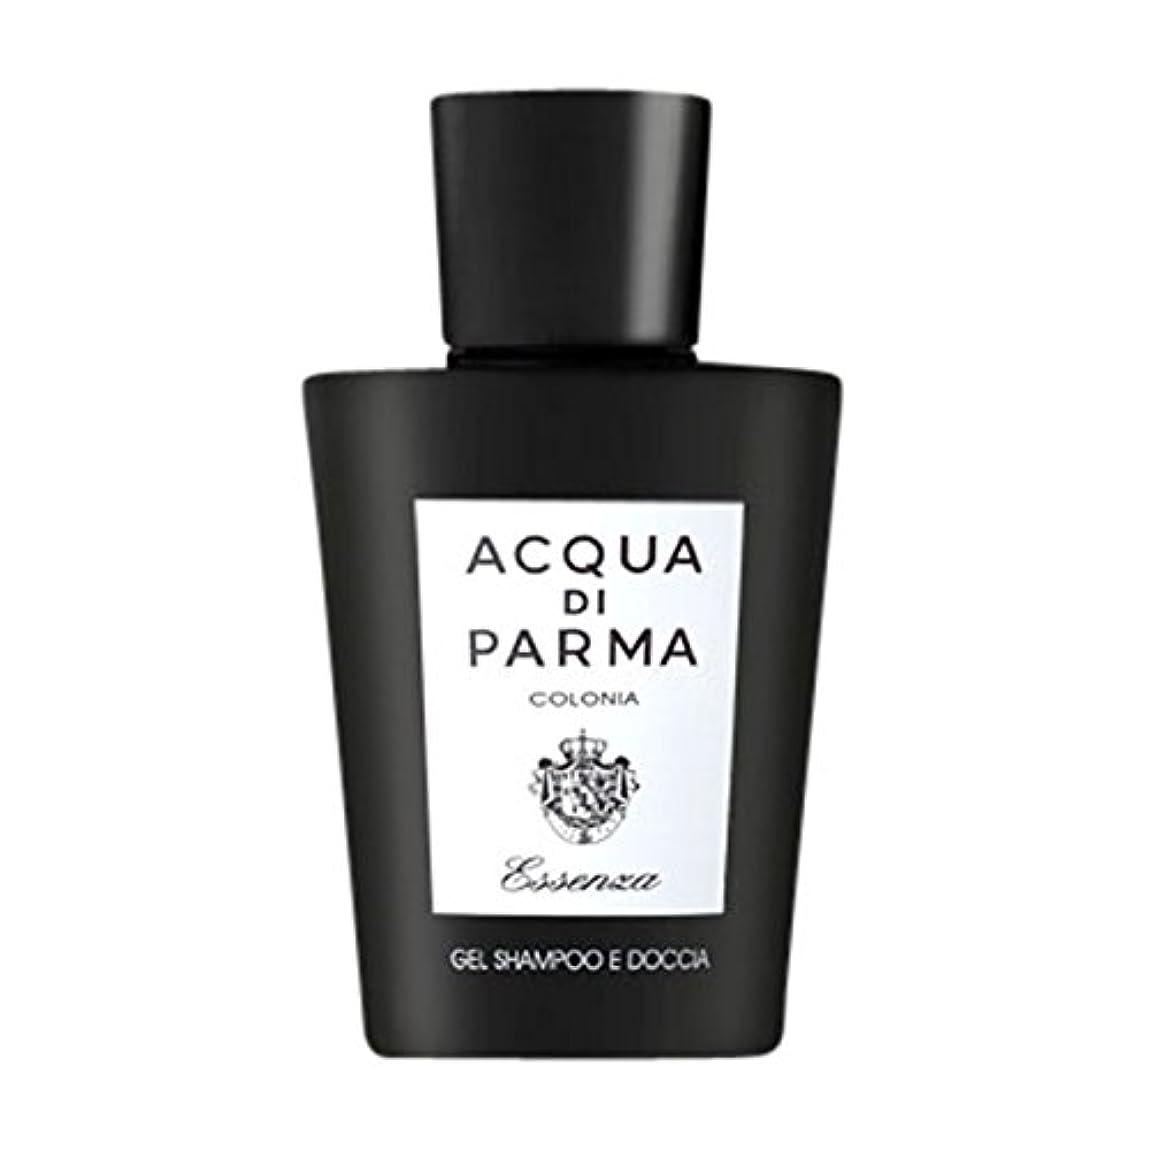 信仰オピエート謎アクアディパルマコロニアEssenza髪とシャワージェル200ミリリットル (Acqua di Parma) - Acqua di Parma Colonia Essenza Hair and Shower Gel 200ml...